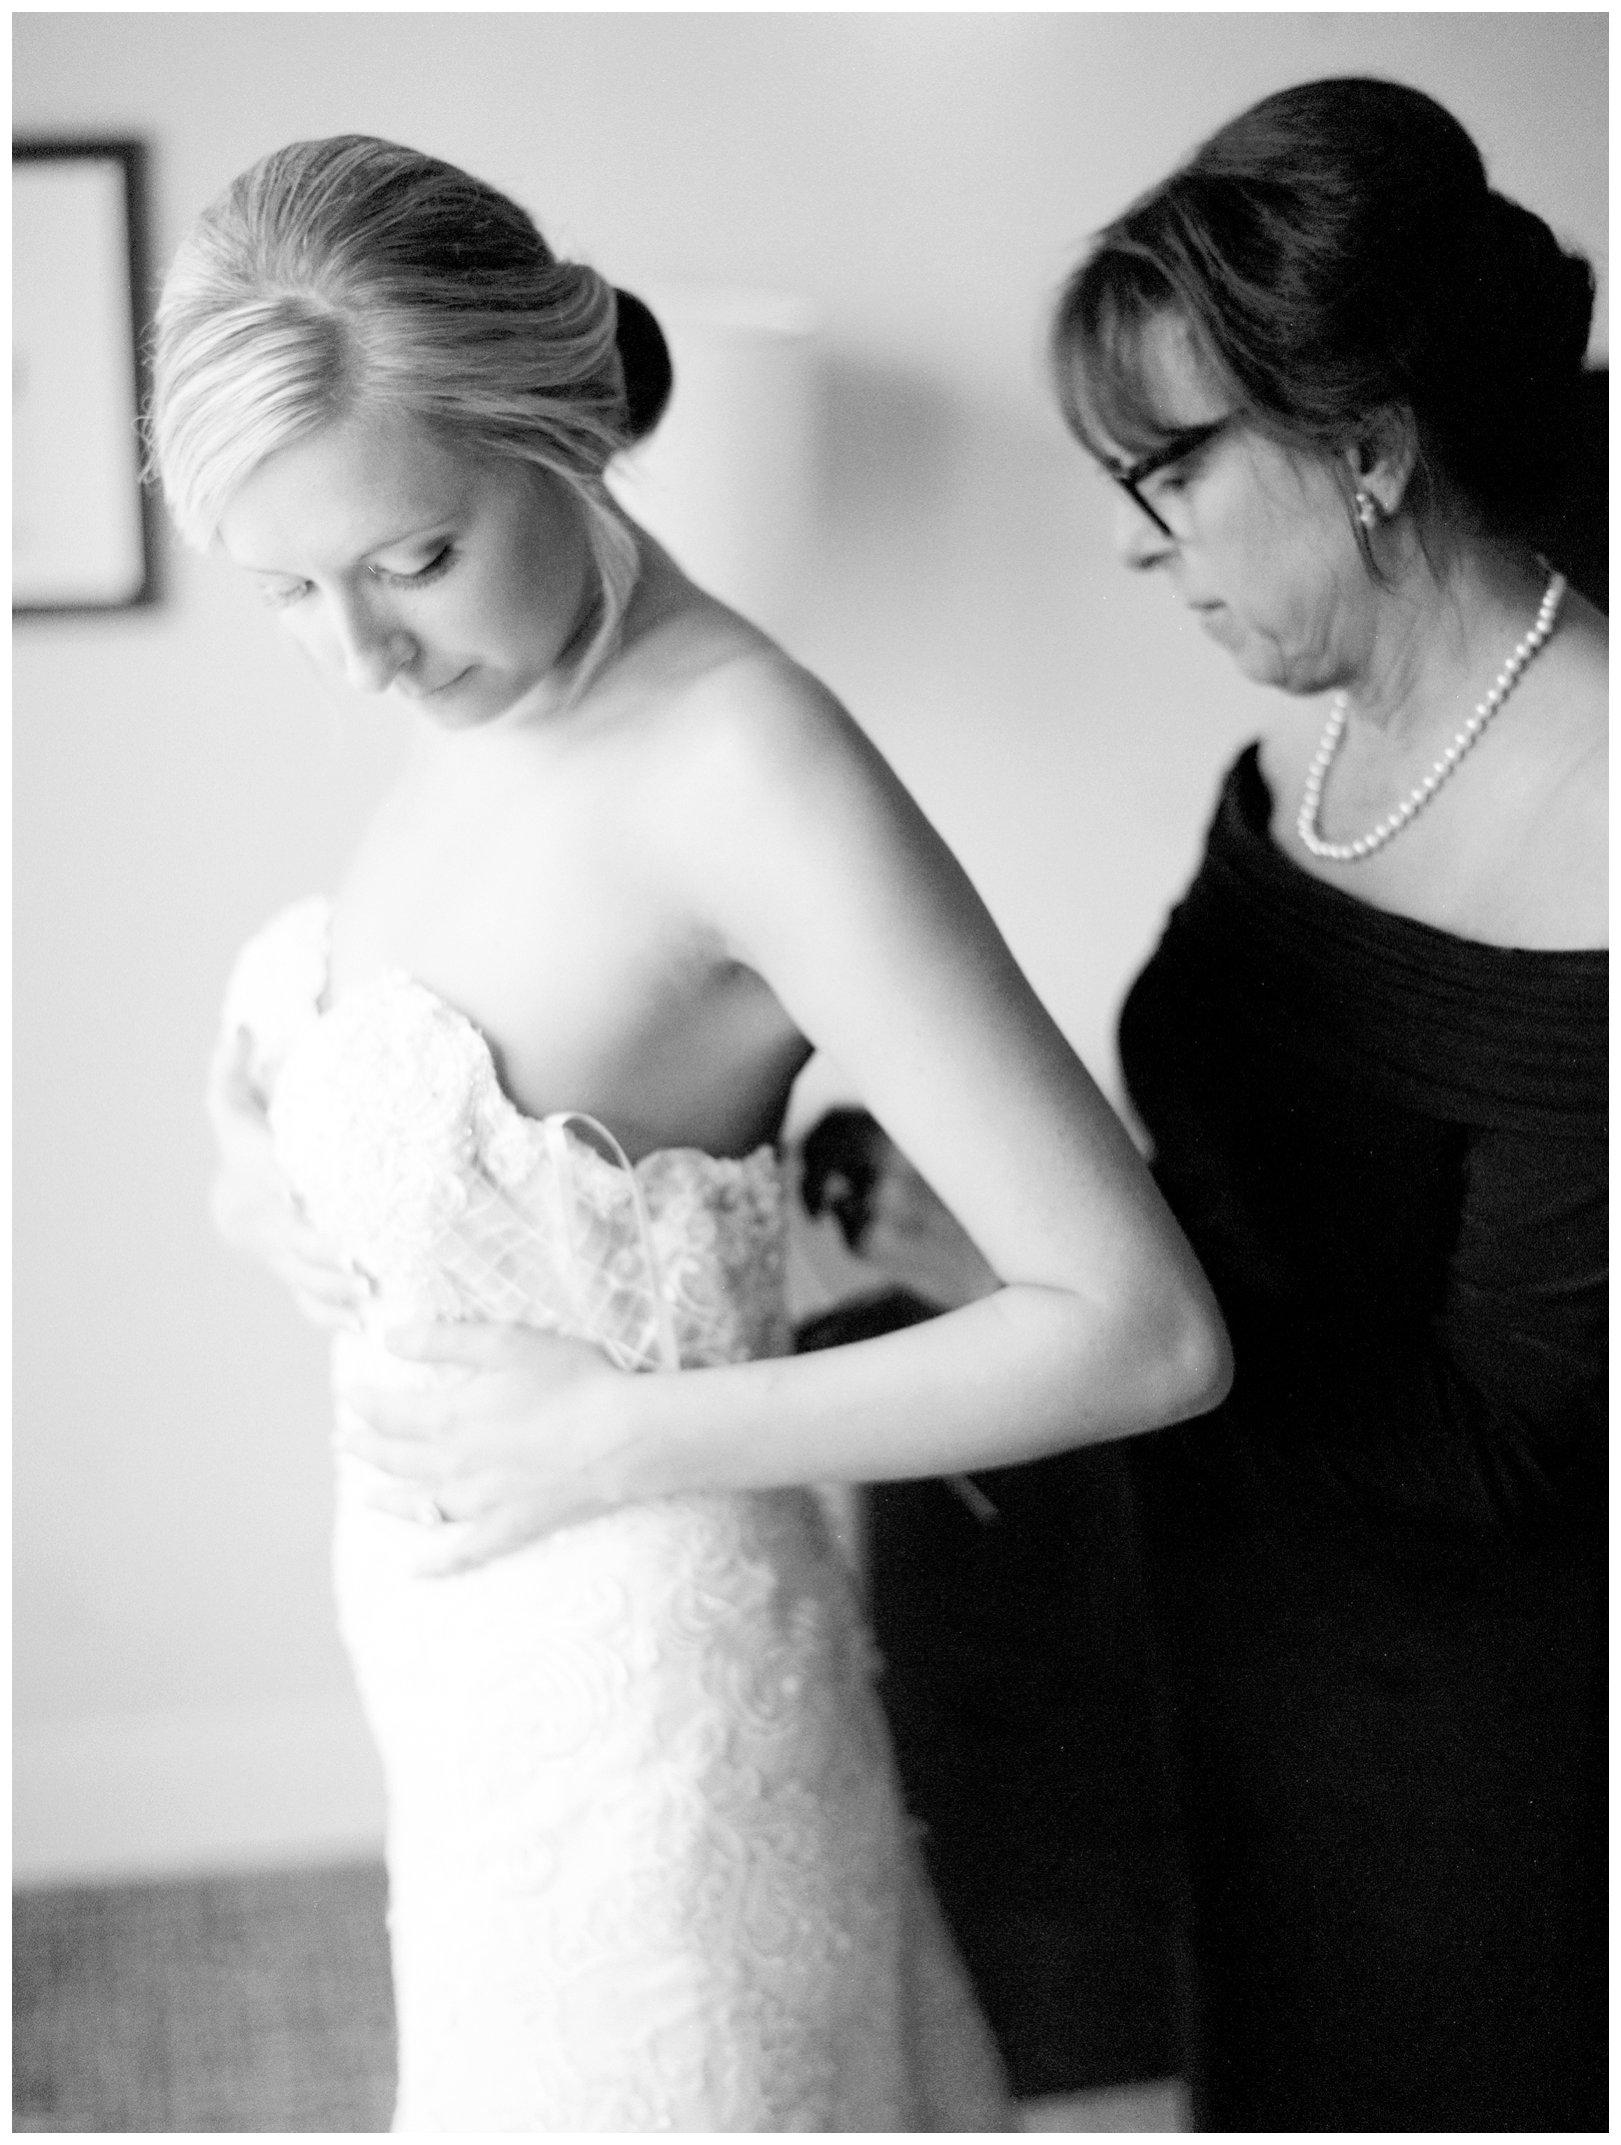 lauren muckler photography_fine art film wedding photography_st louis_photography_2127.jpg